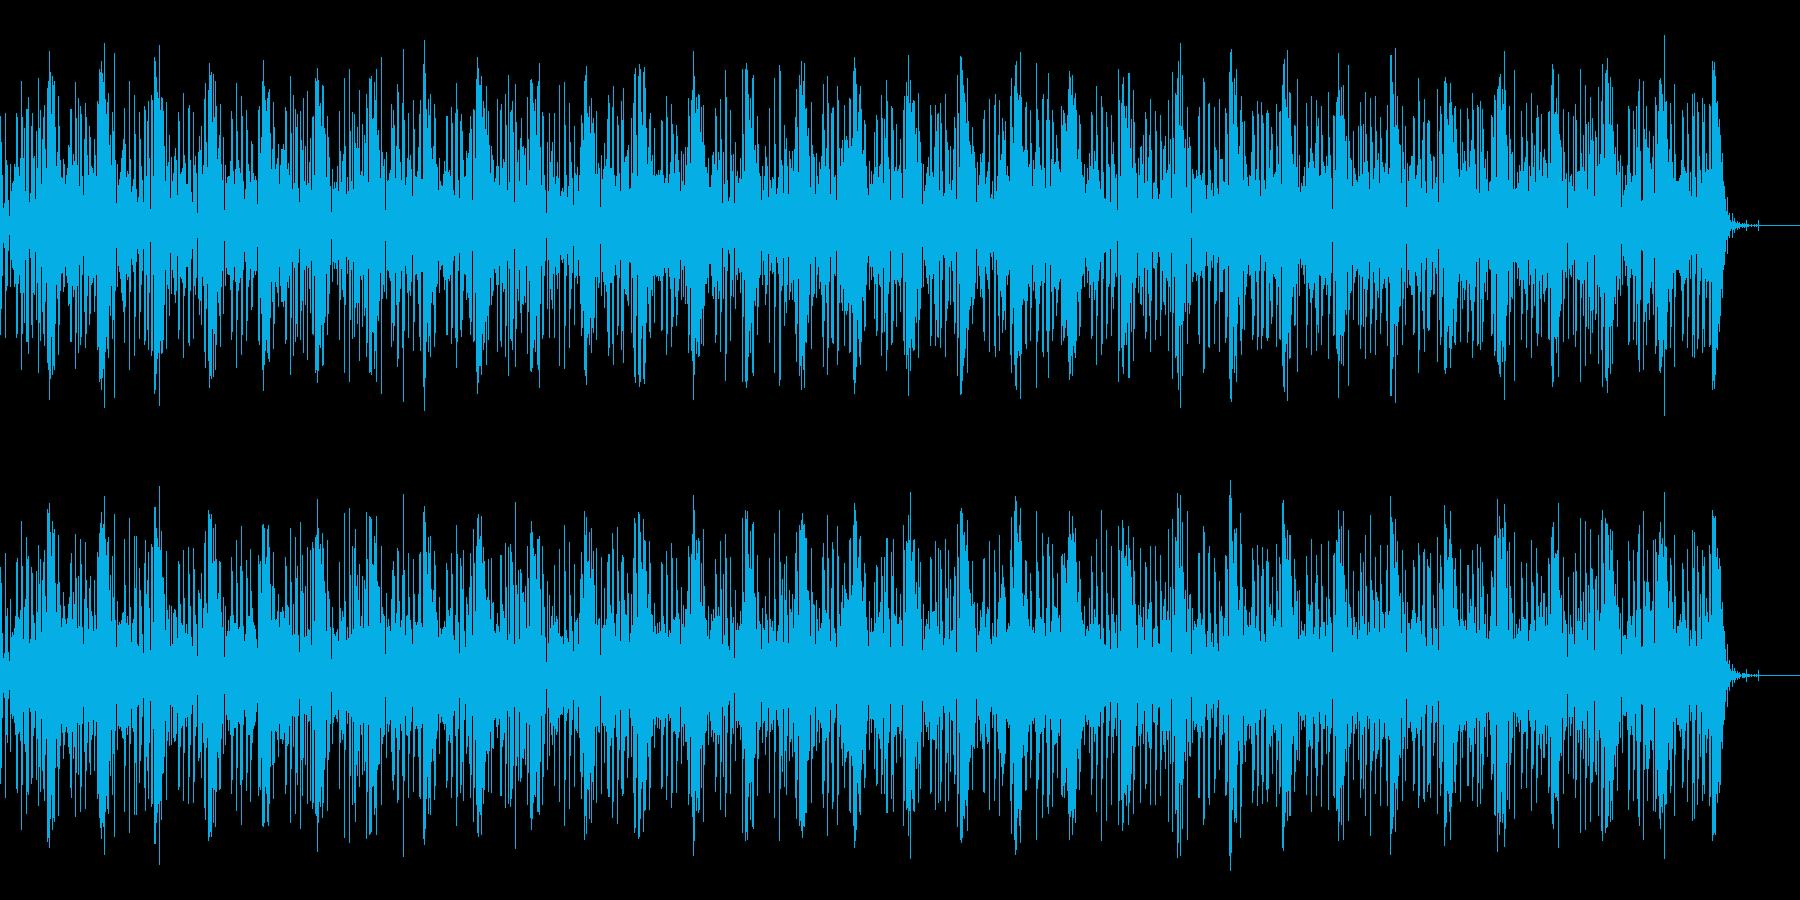 サイエンス、ドキュメント、実験の再生済みの波形